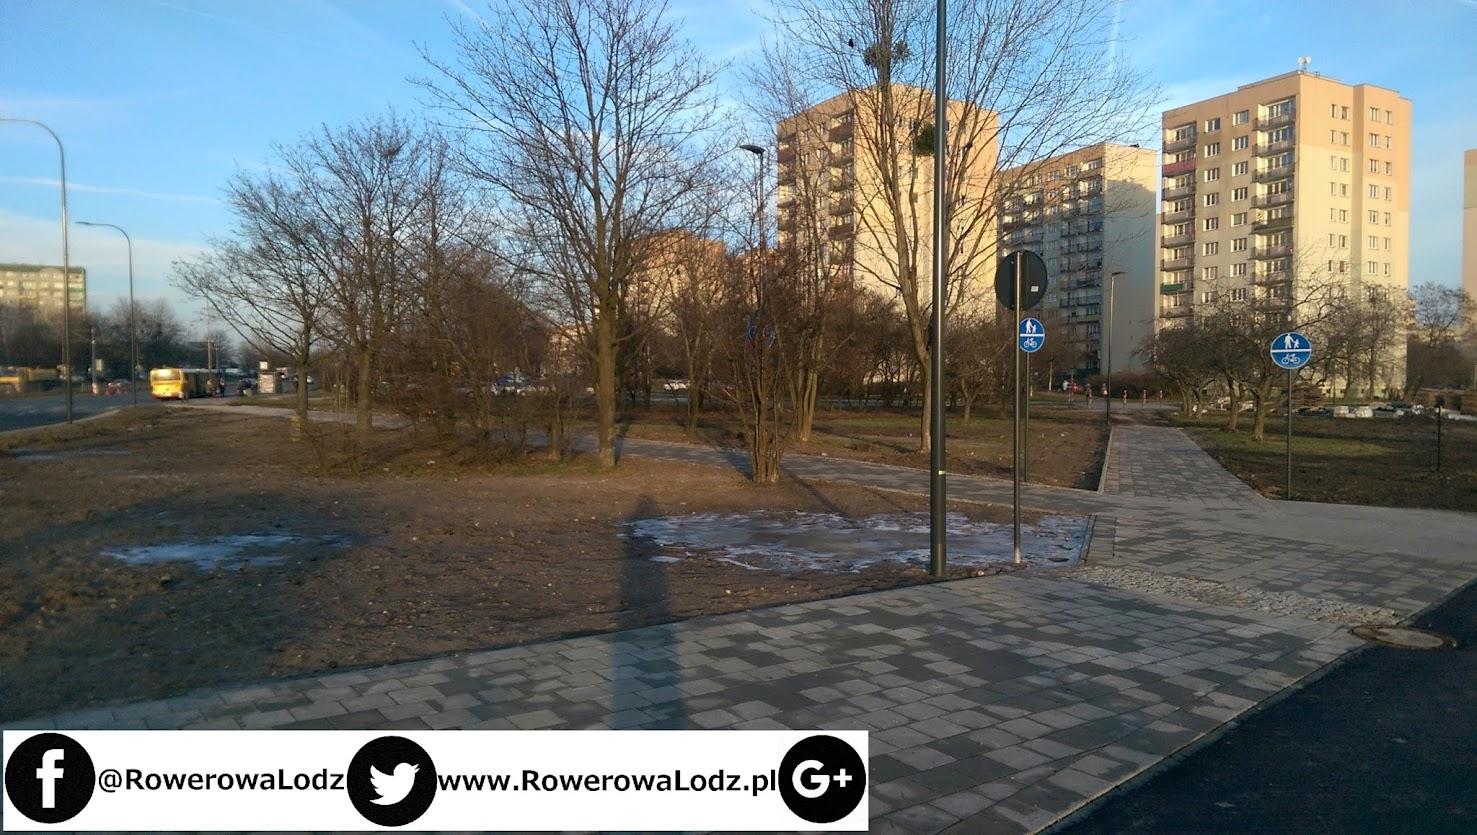 Dotychczasowa asfaltowa droga zmieniona została na chodnikowy ciąg pieszo-rowerowy